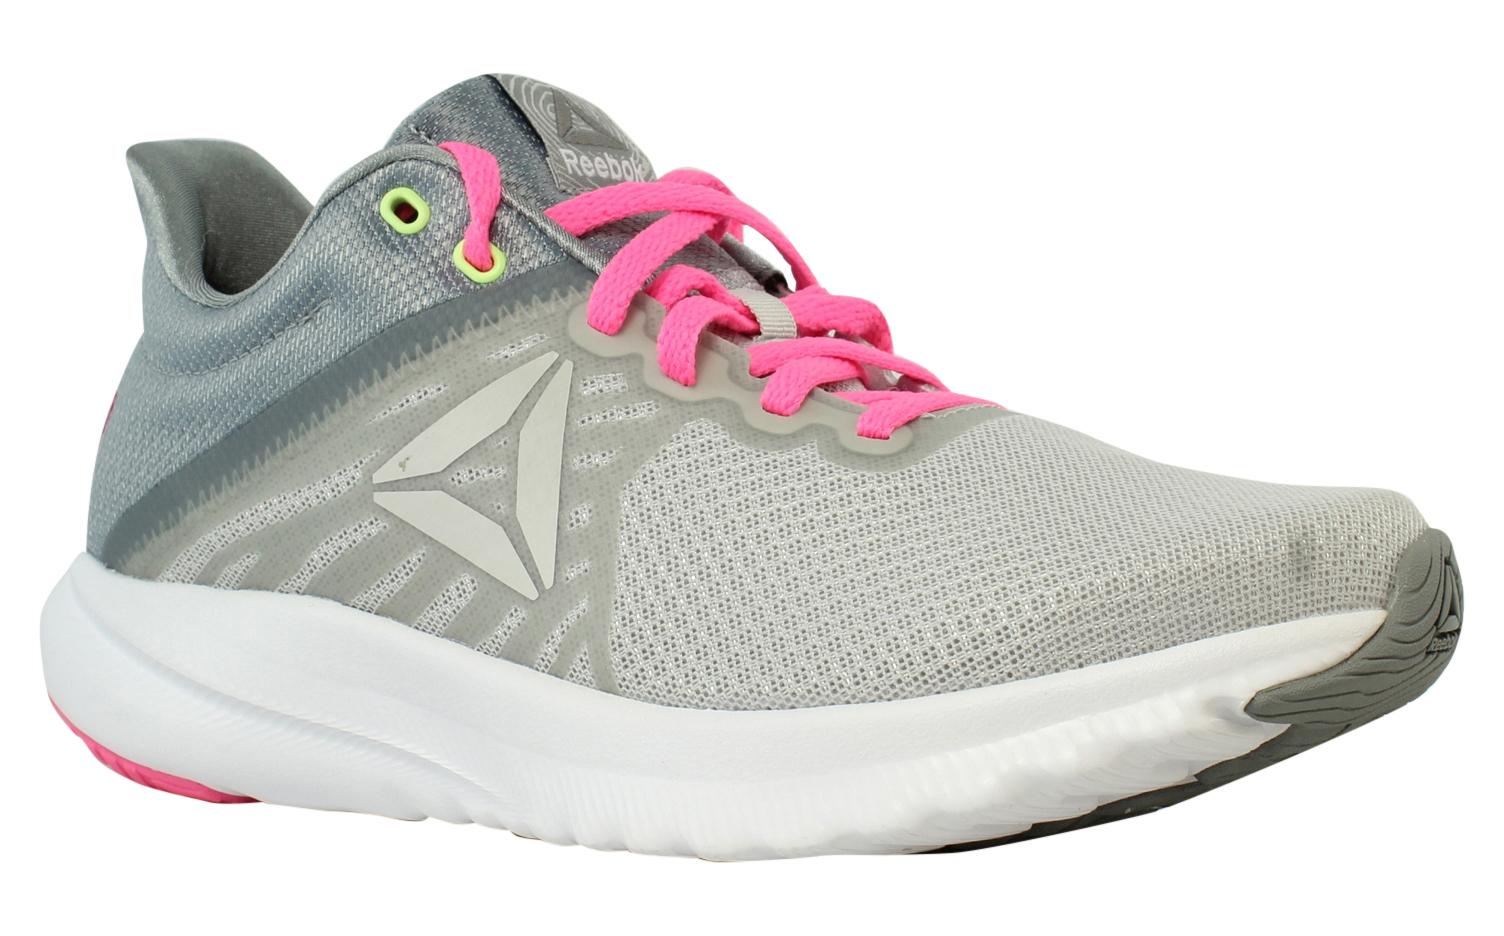 Reebok Womens Osr Distance 3.0 Gray Running Shoes Size 6 (344926 ... 83785e69e